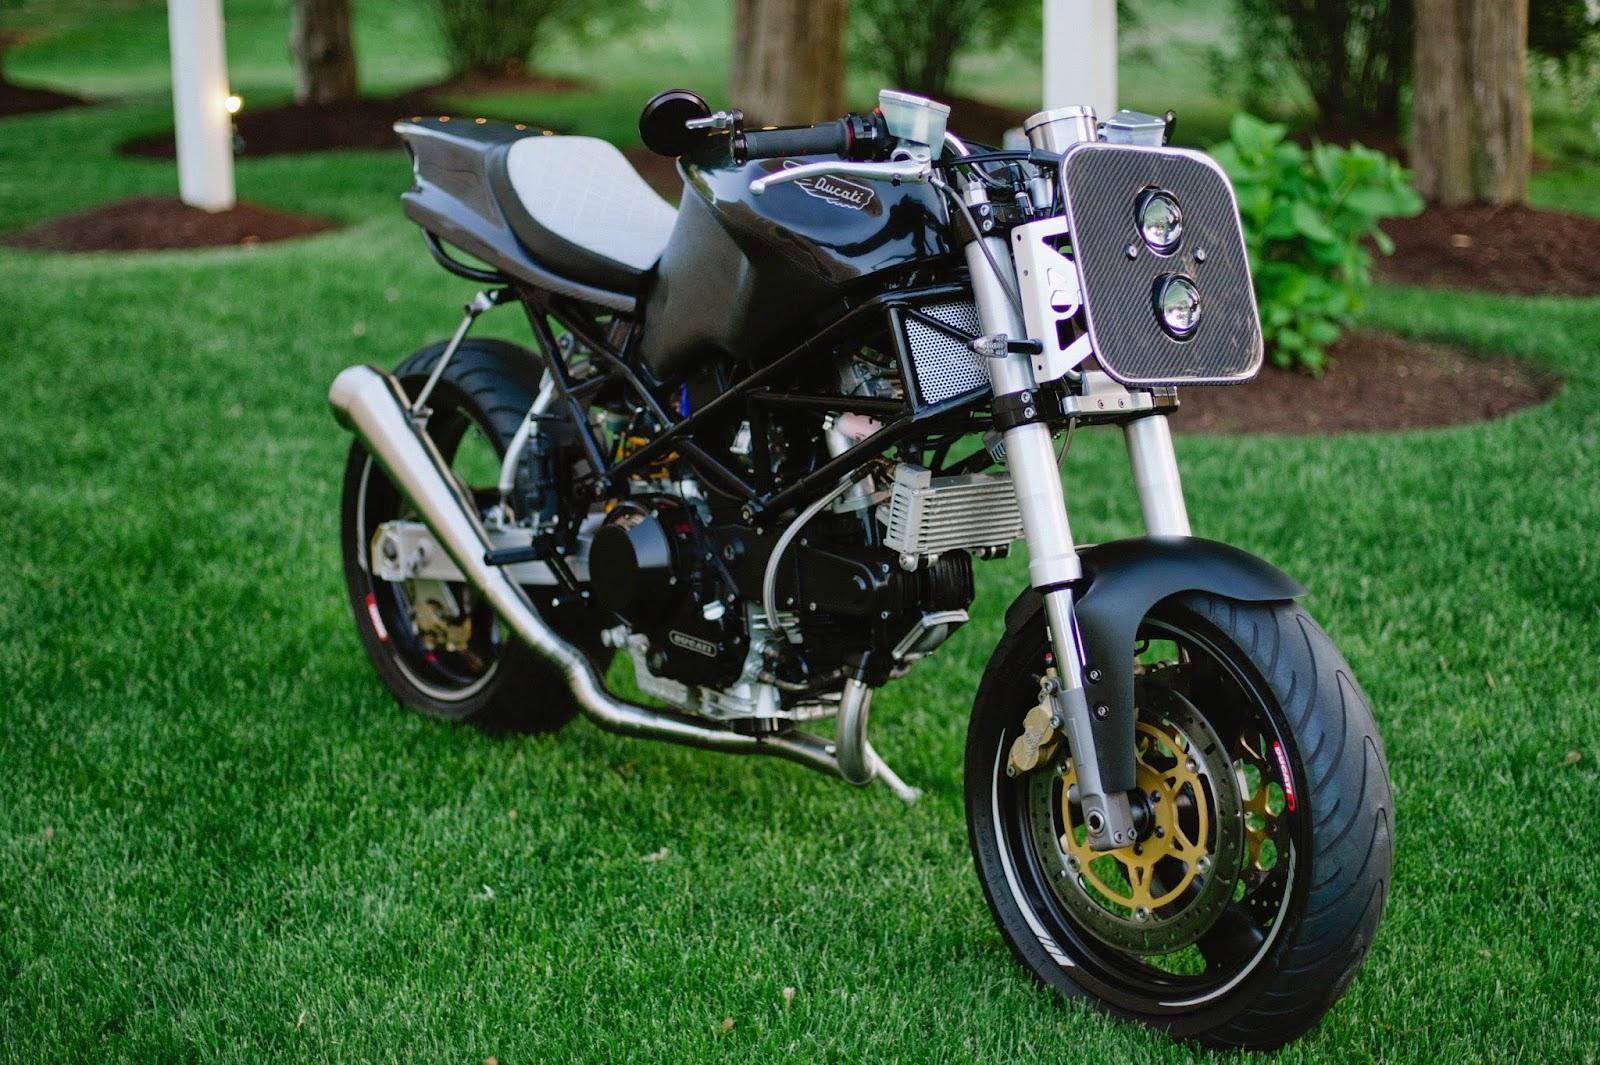 Koso Meter Wiring Monstertracker Ducati Monster 900 1995 High Res Photos Here Http Laurenmethiaphotographyzenfoliocom Password All Caps